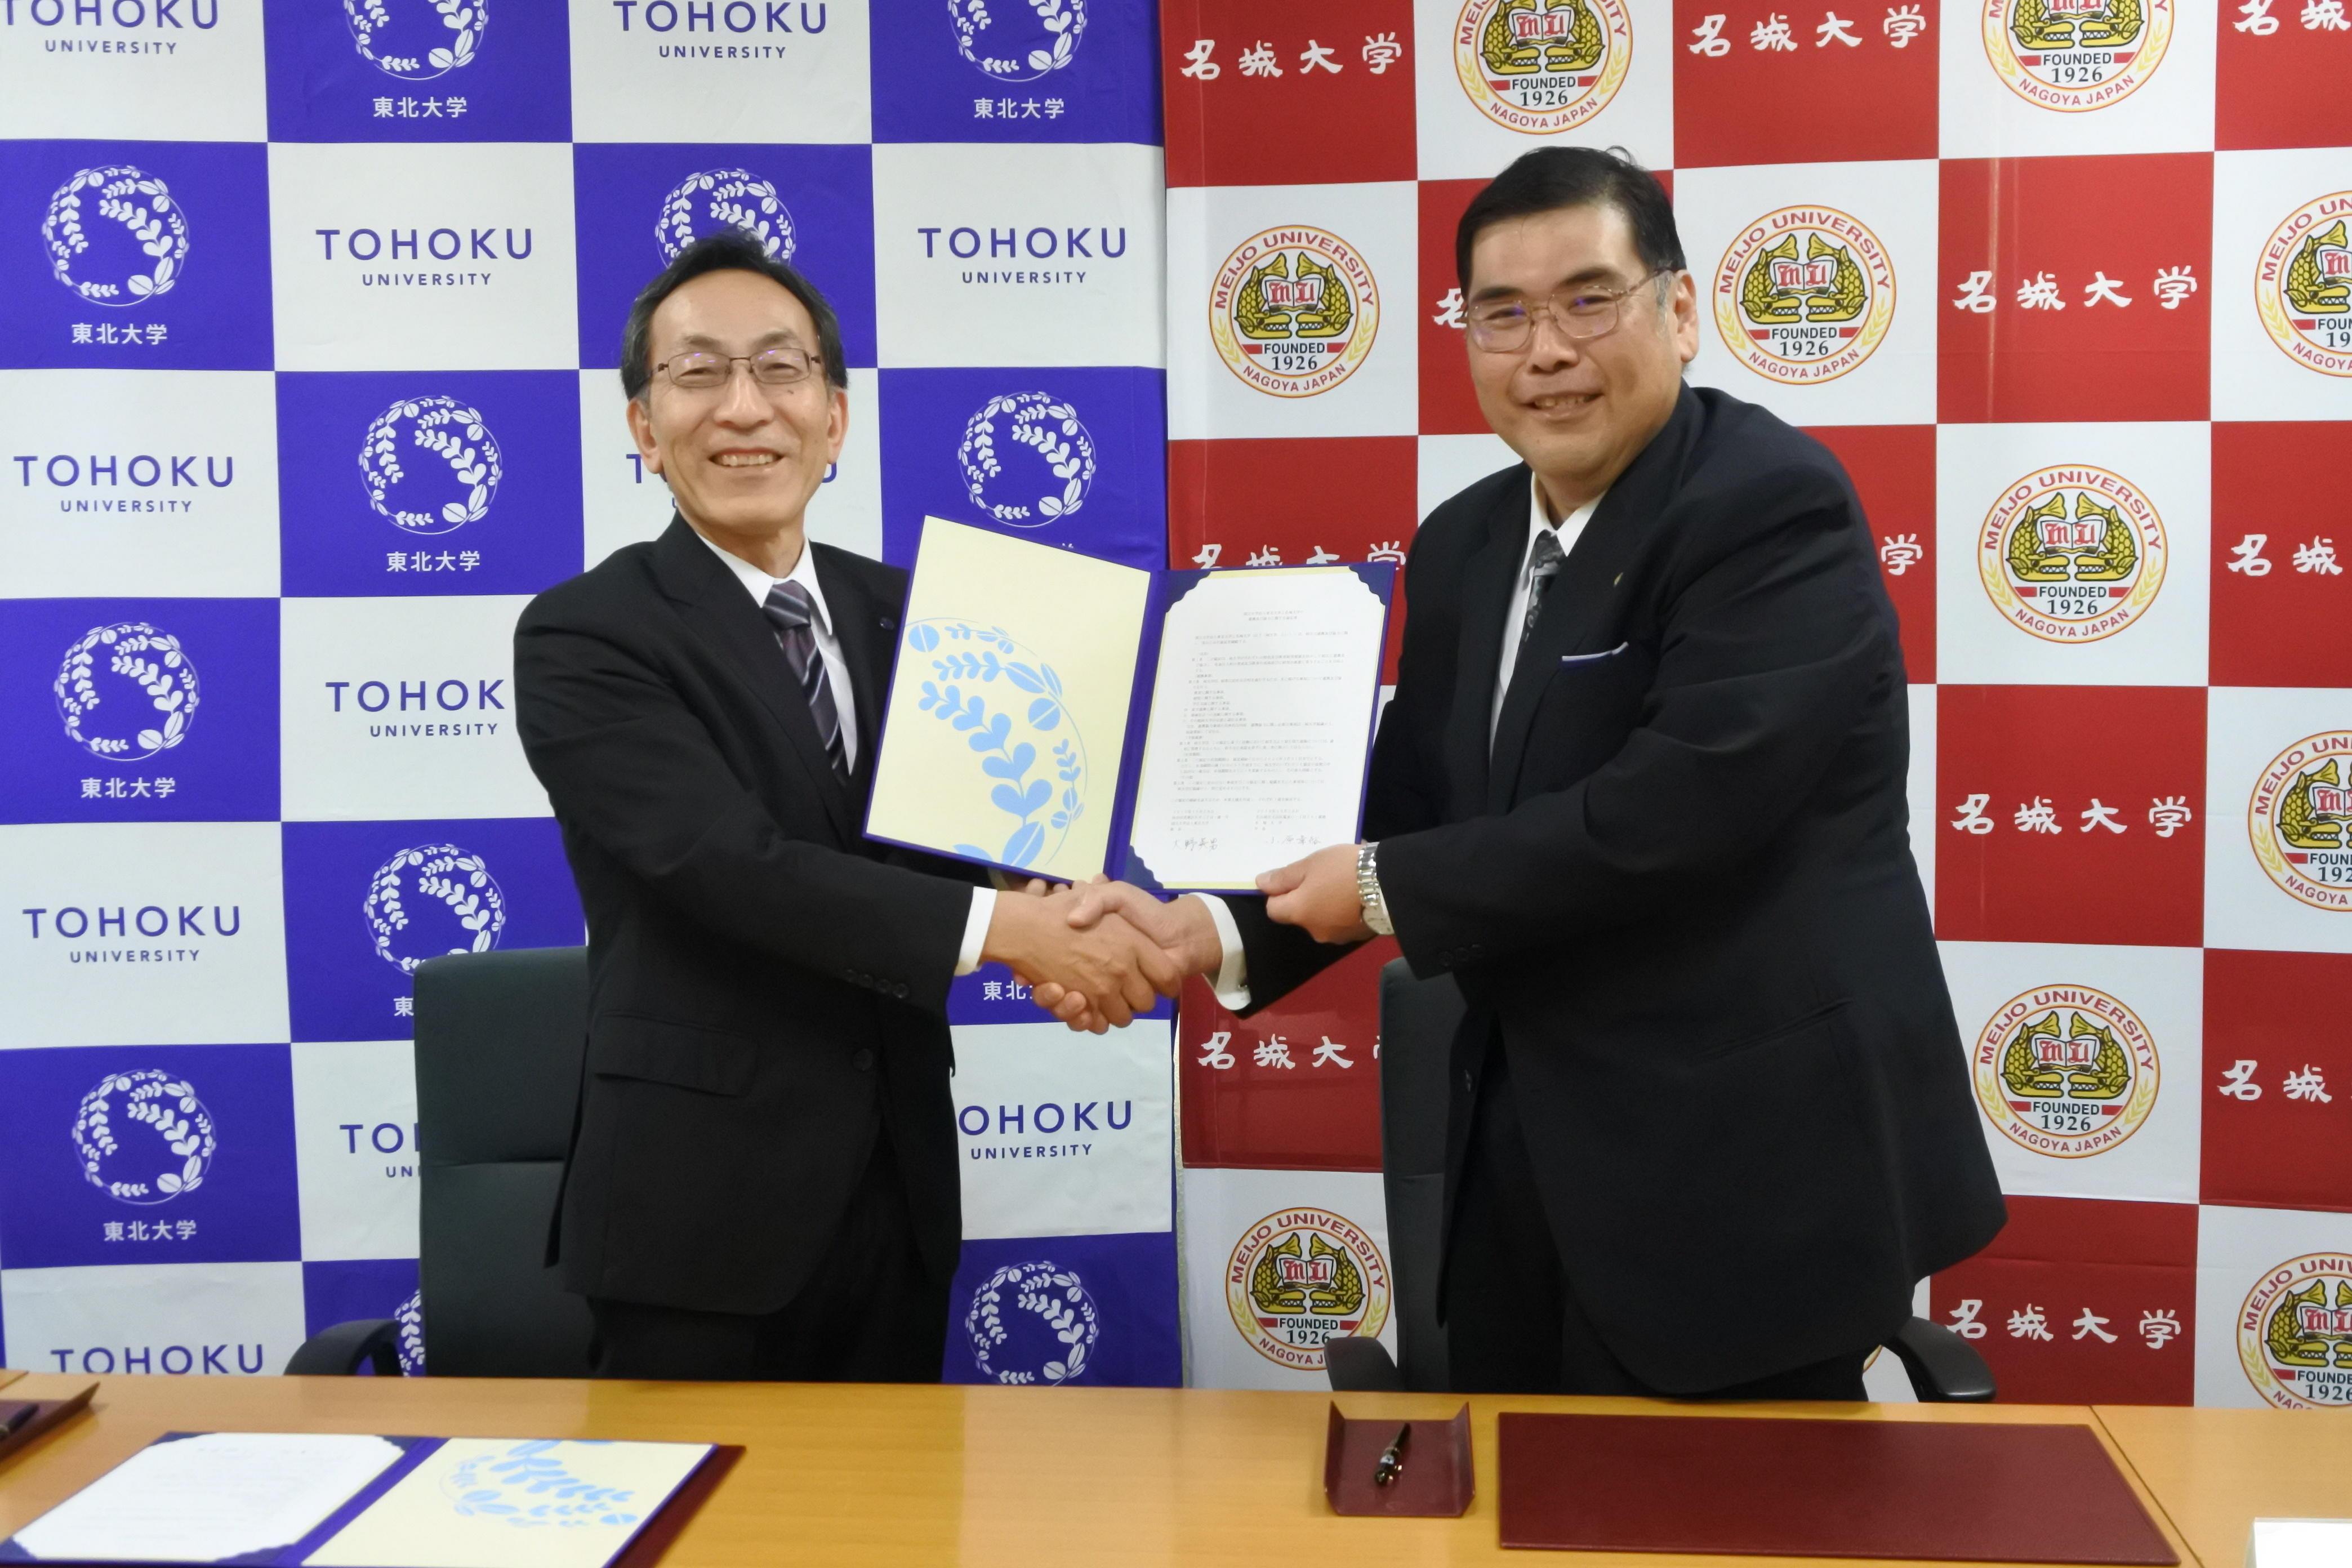 協定書を手に握手する小原章裕学長(右)と大野英男総長